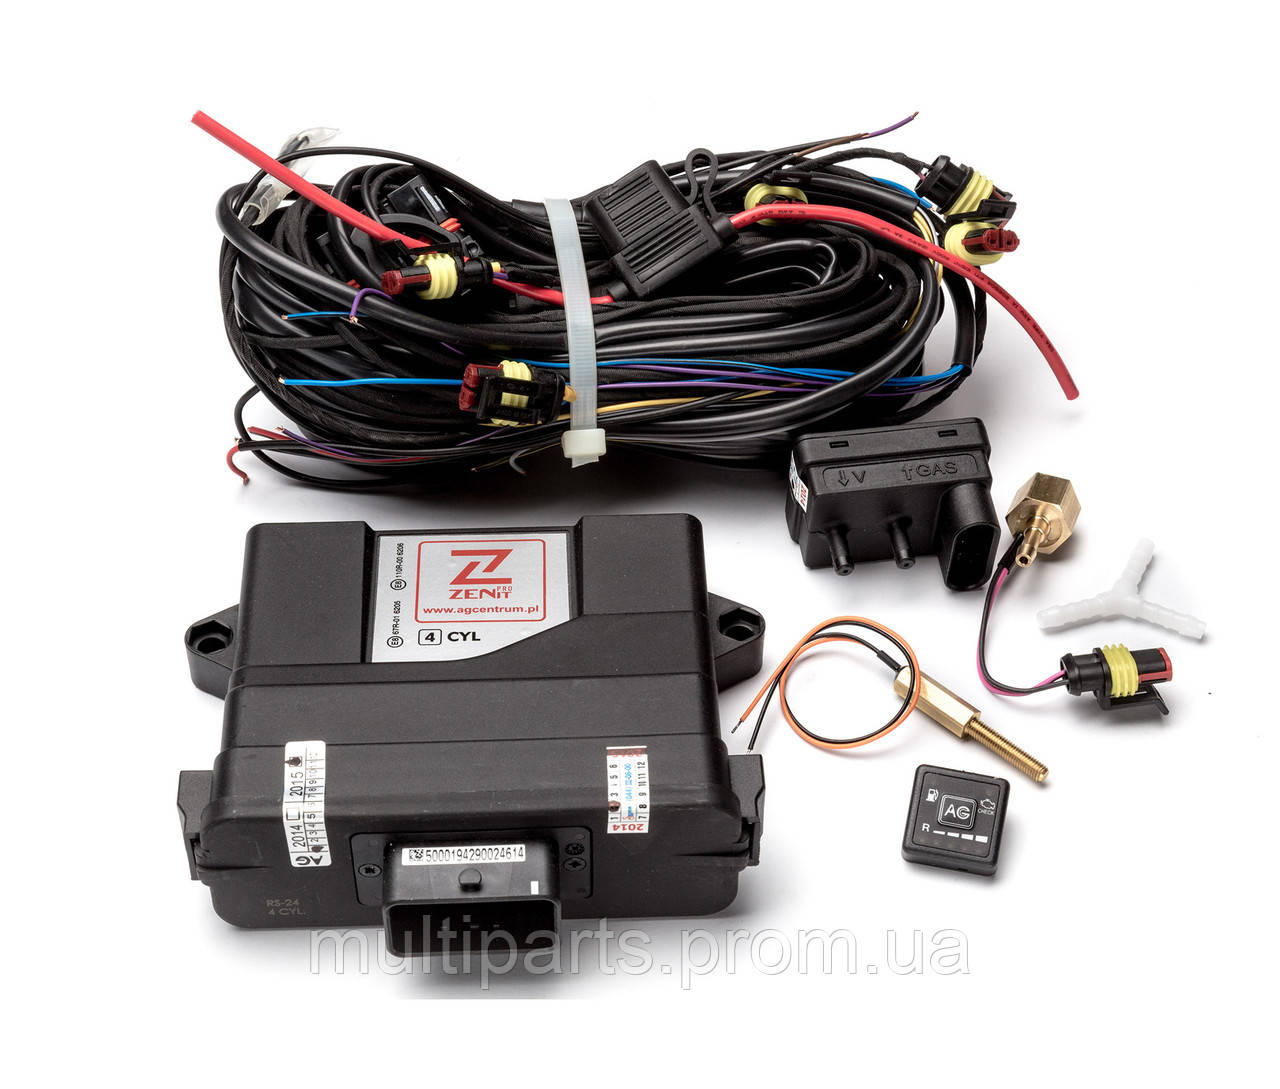 Электроника Zenit PRO на 8 цилиндров